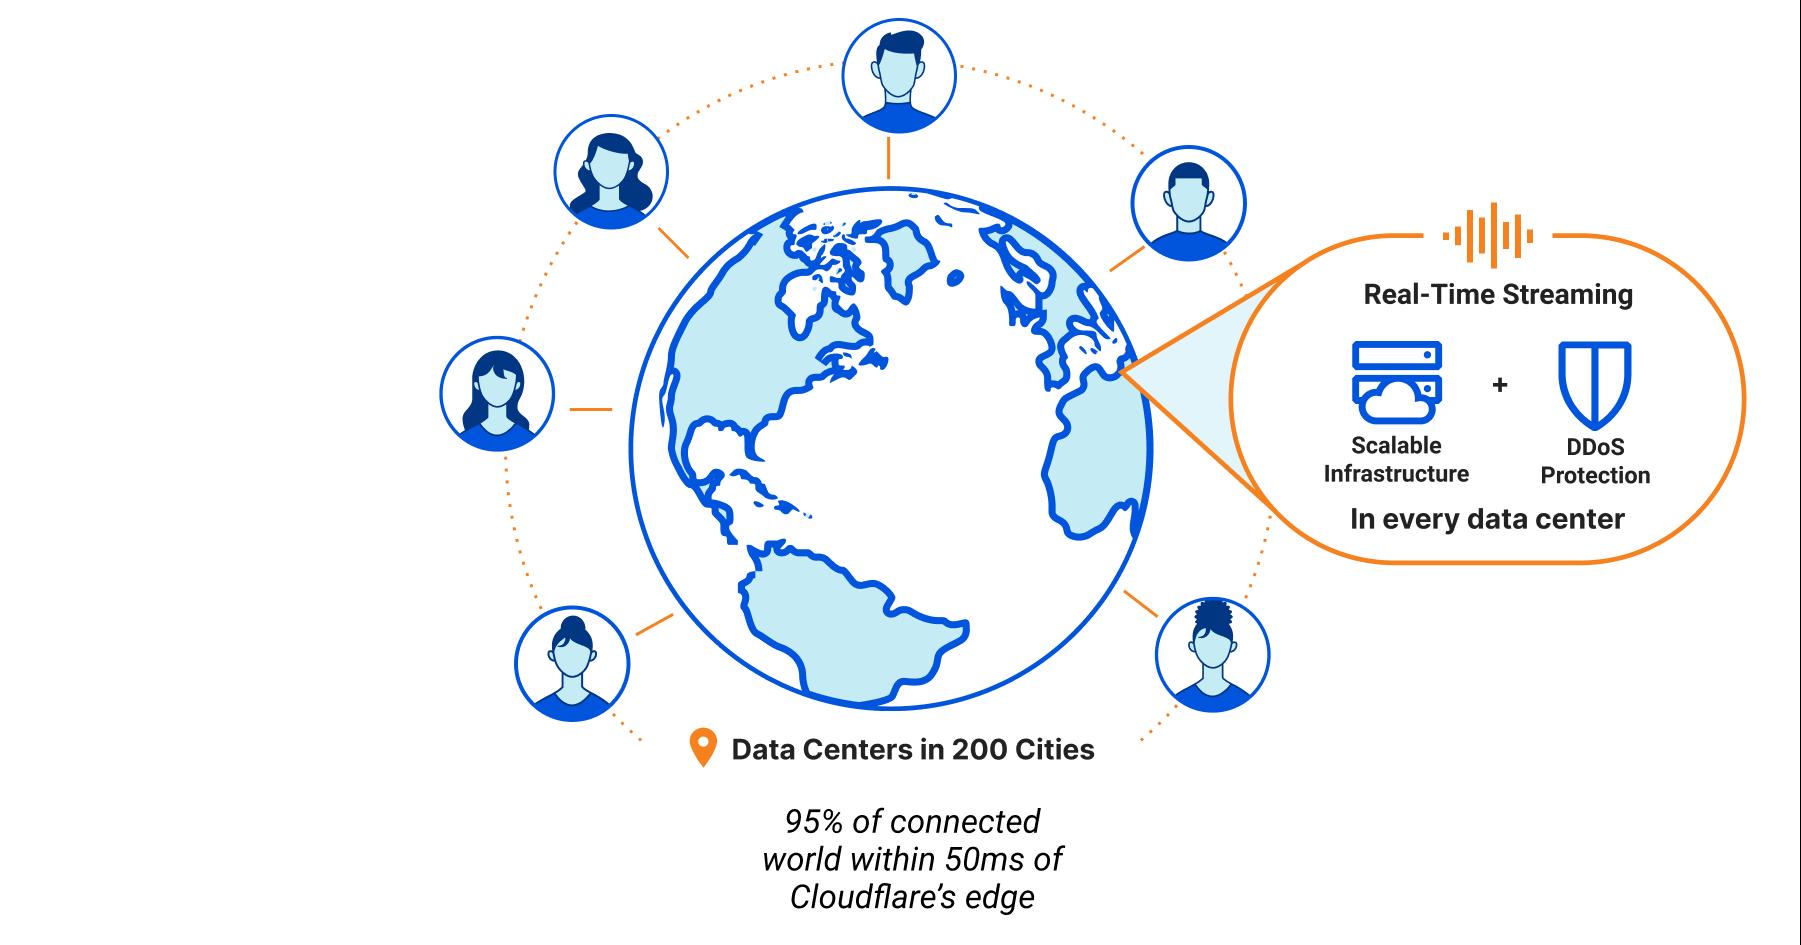 ユーザーがCloudflareの分散型グローバルエッジから接続している。